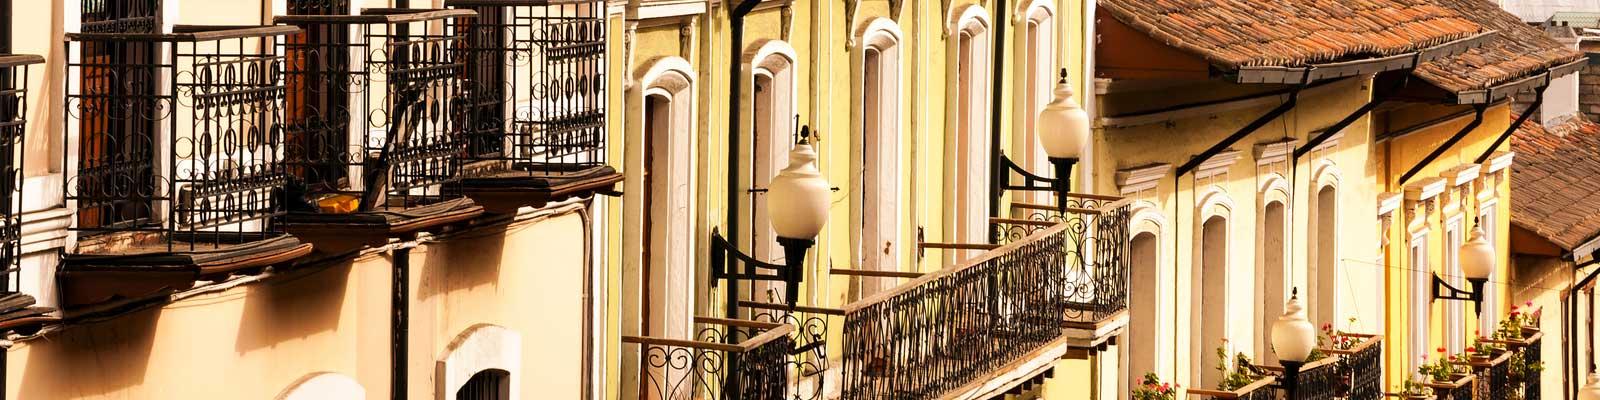 Ecuador Immobili - Uffici, nuove costruzioni, alberghi - Investimenti di valore